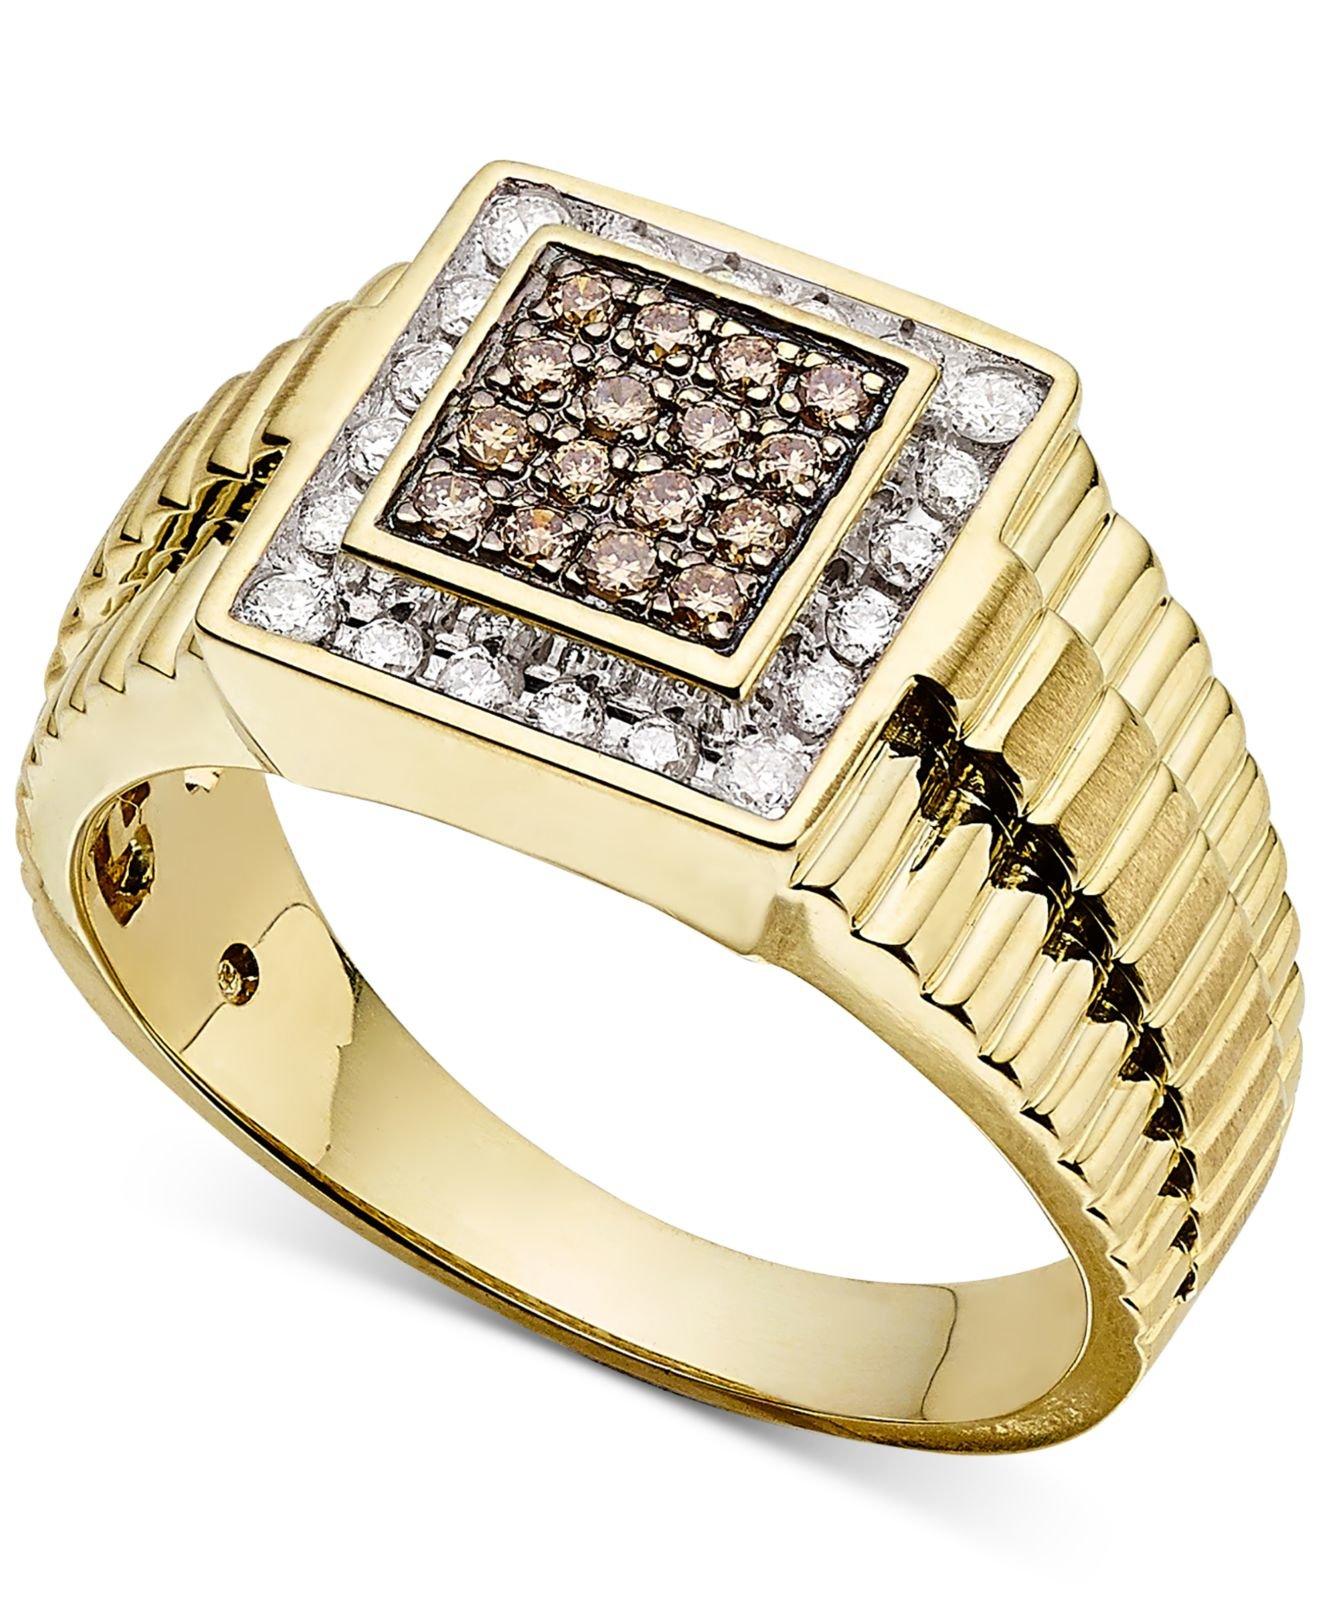 macy s s ring 1 2 ct t w in 10k gold in